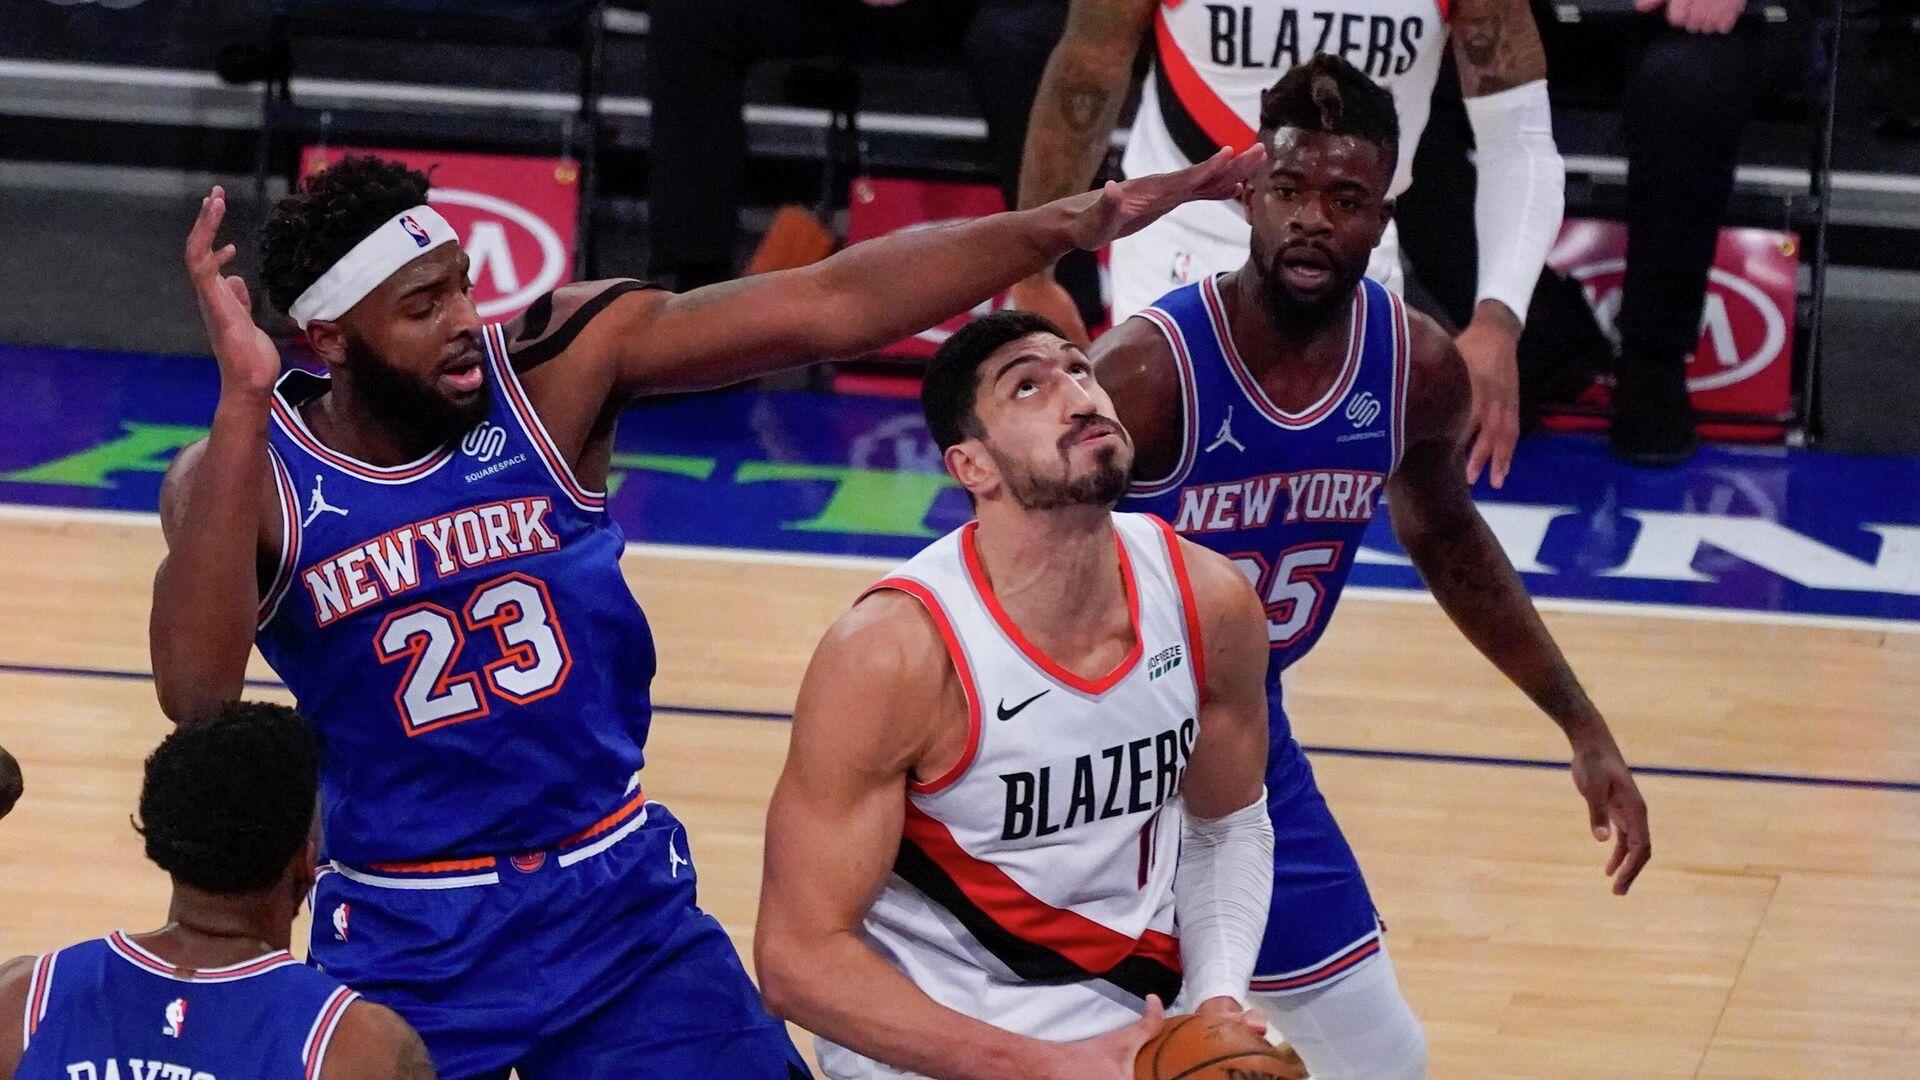 Игровой момент матча НБА Нью-Йорк Никс - Портленд Трэйл Блэйзерс - РИА Новости, 1920, 06.02.2021